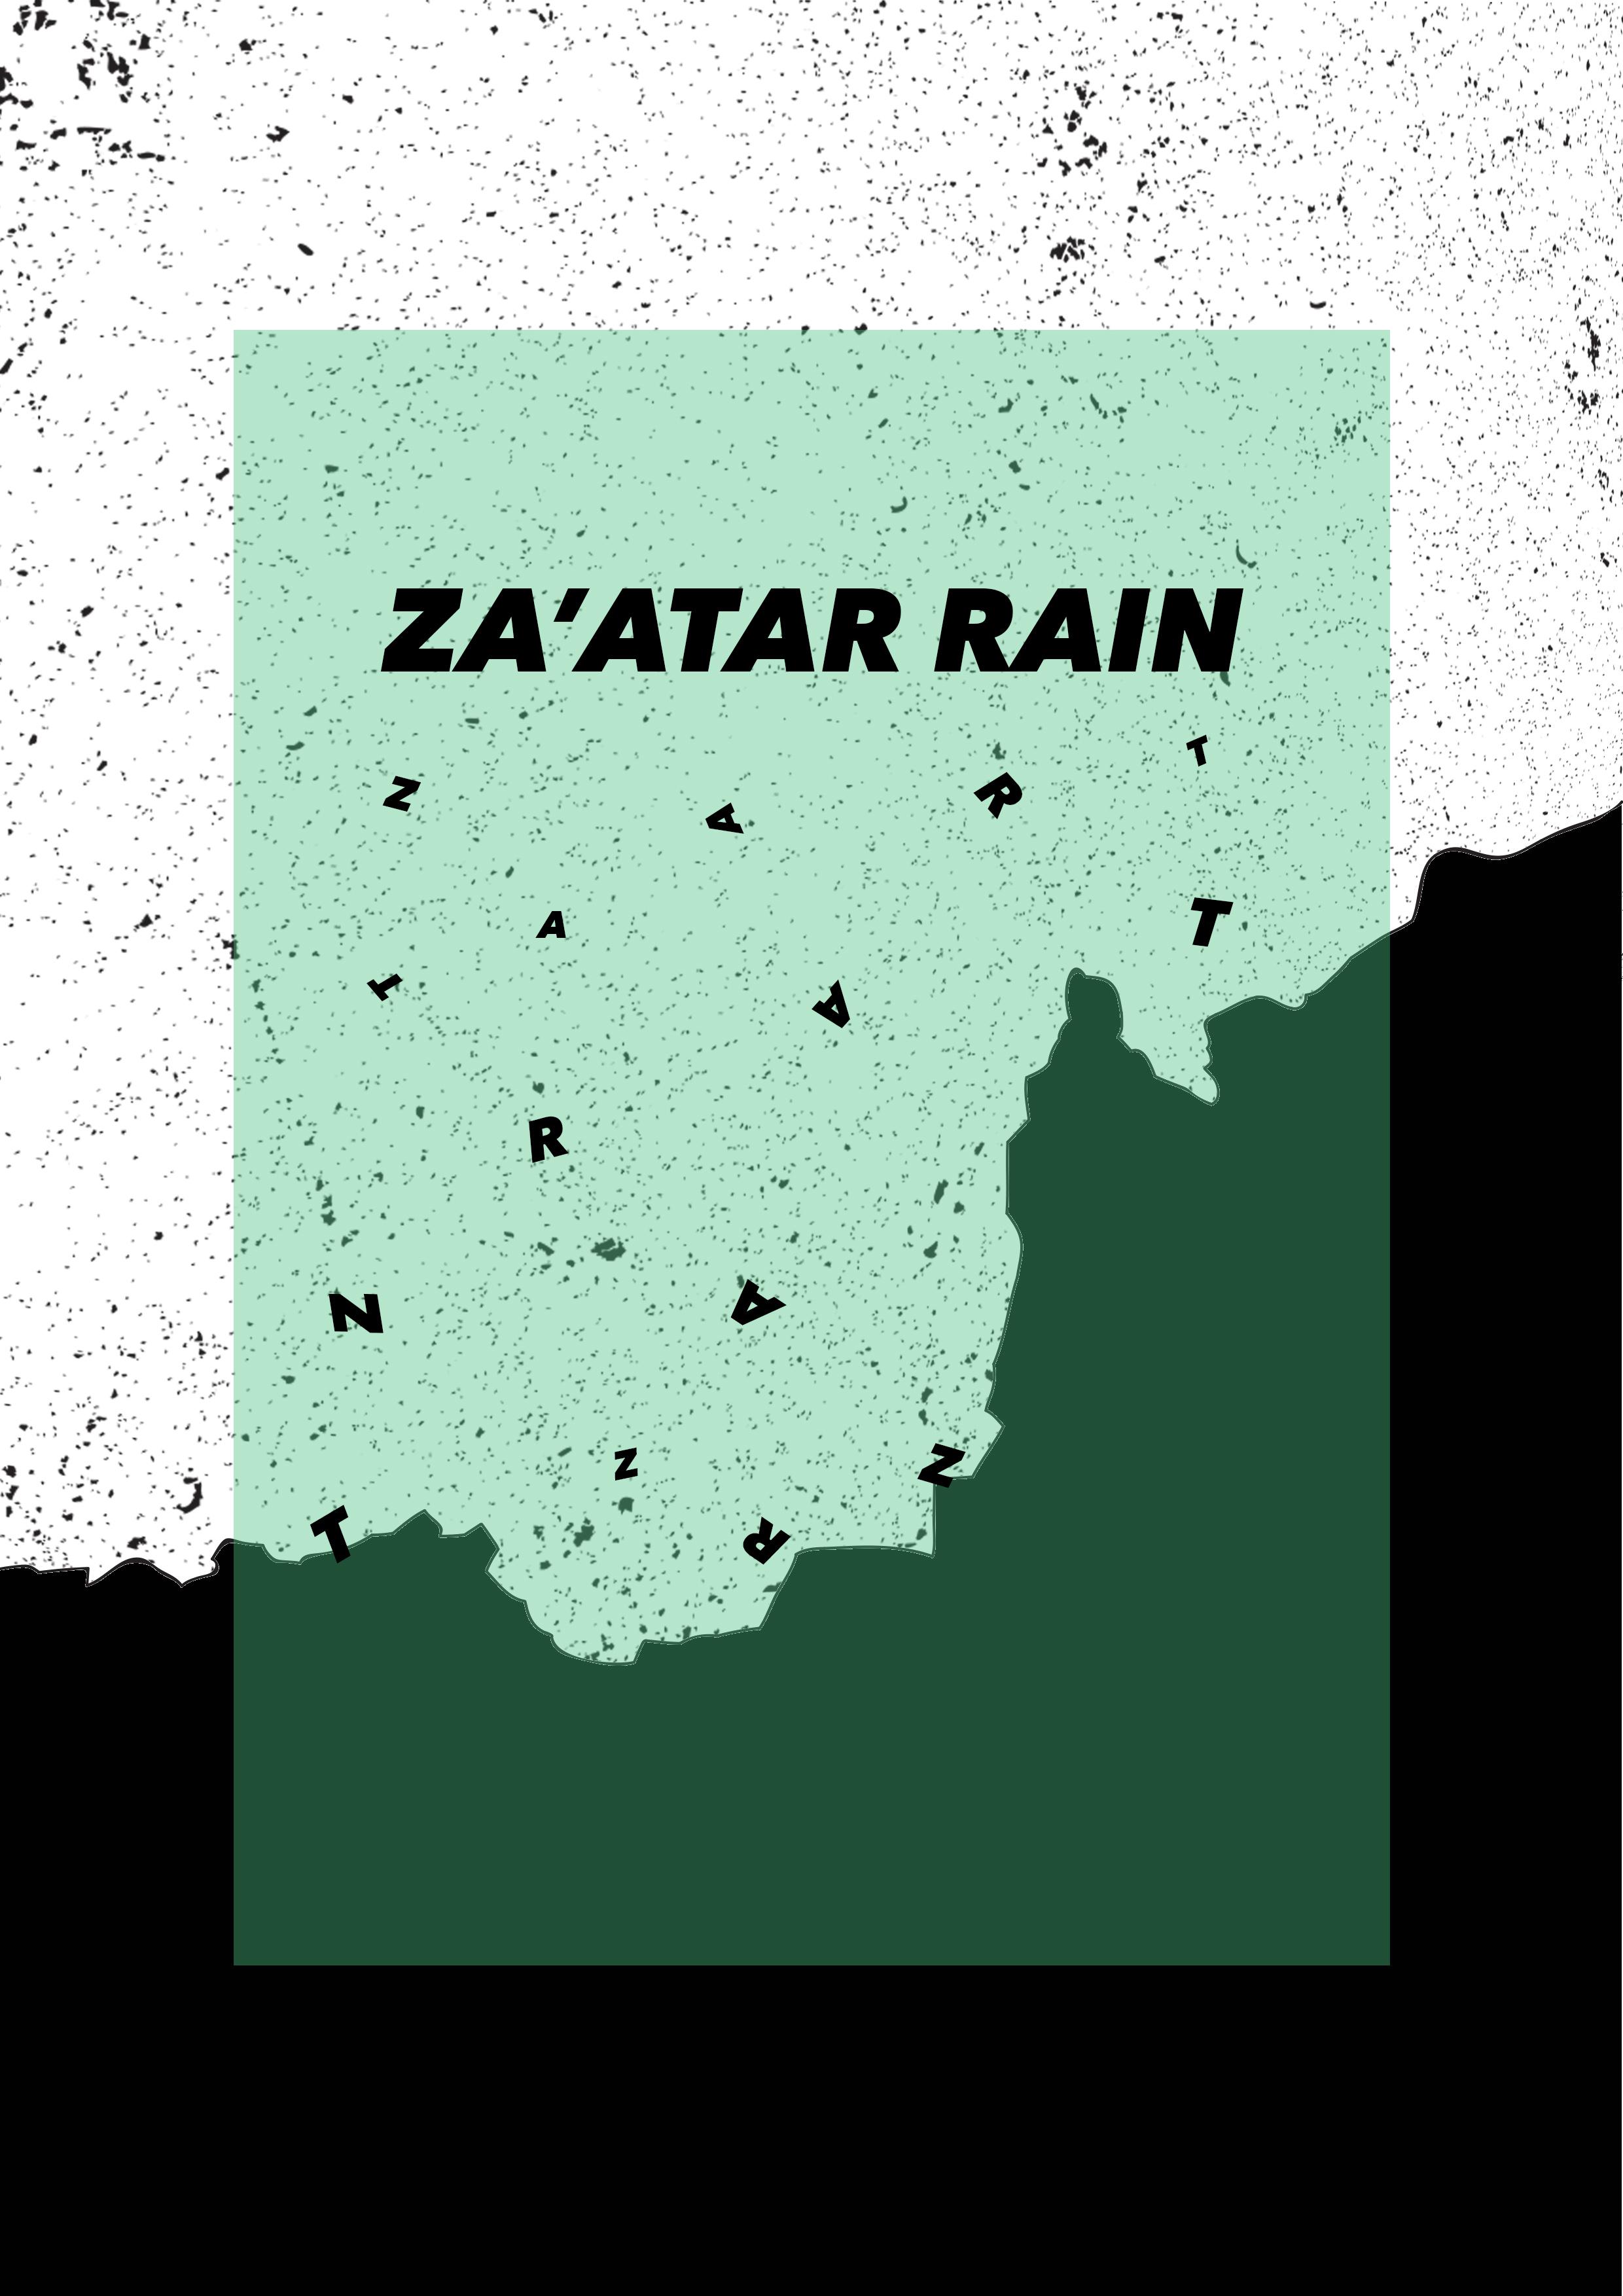 Za'atar Rain 3.jpg